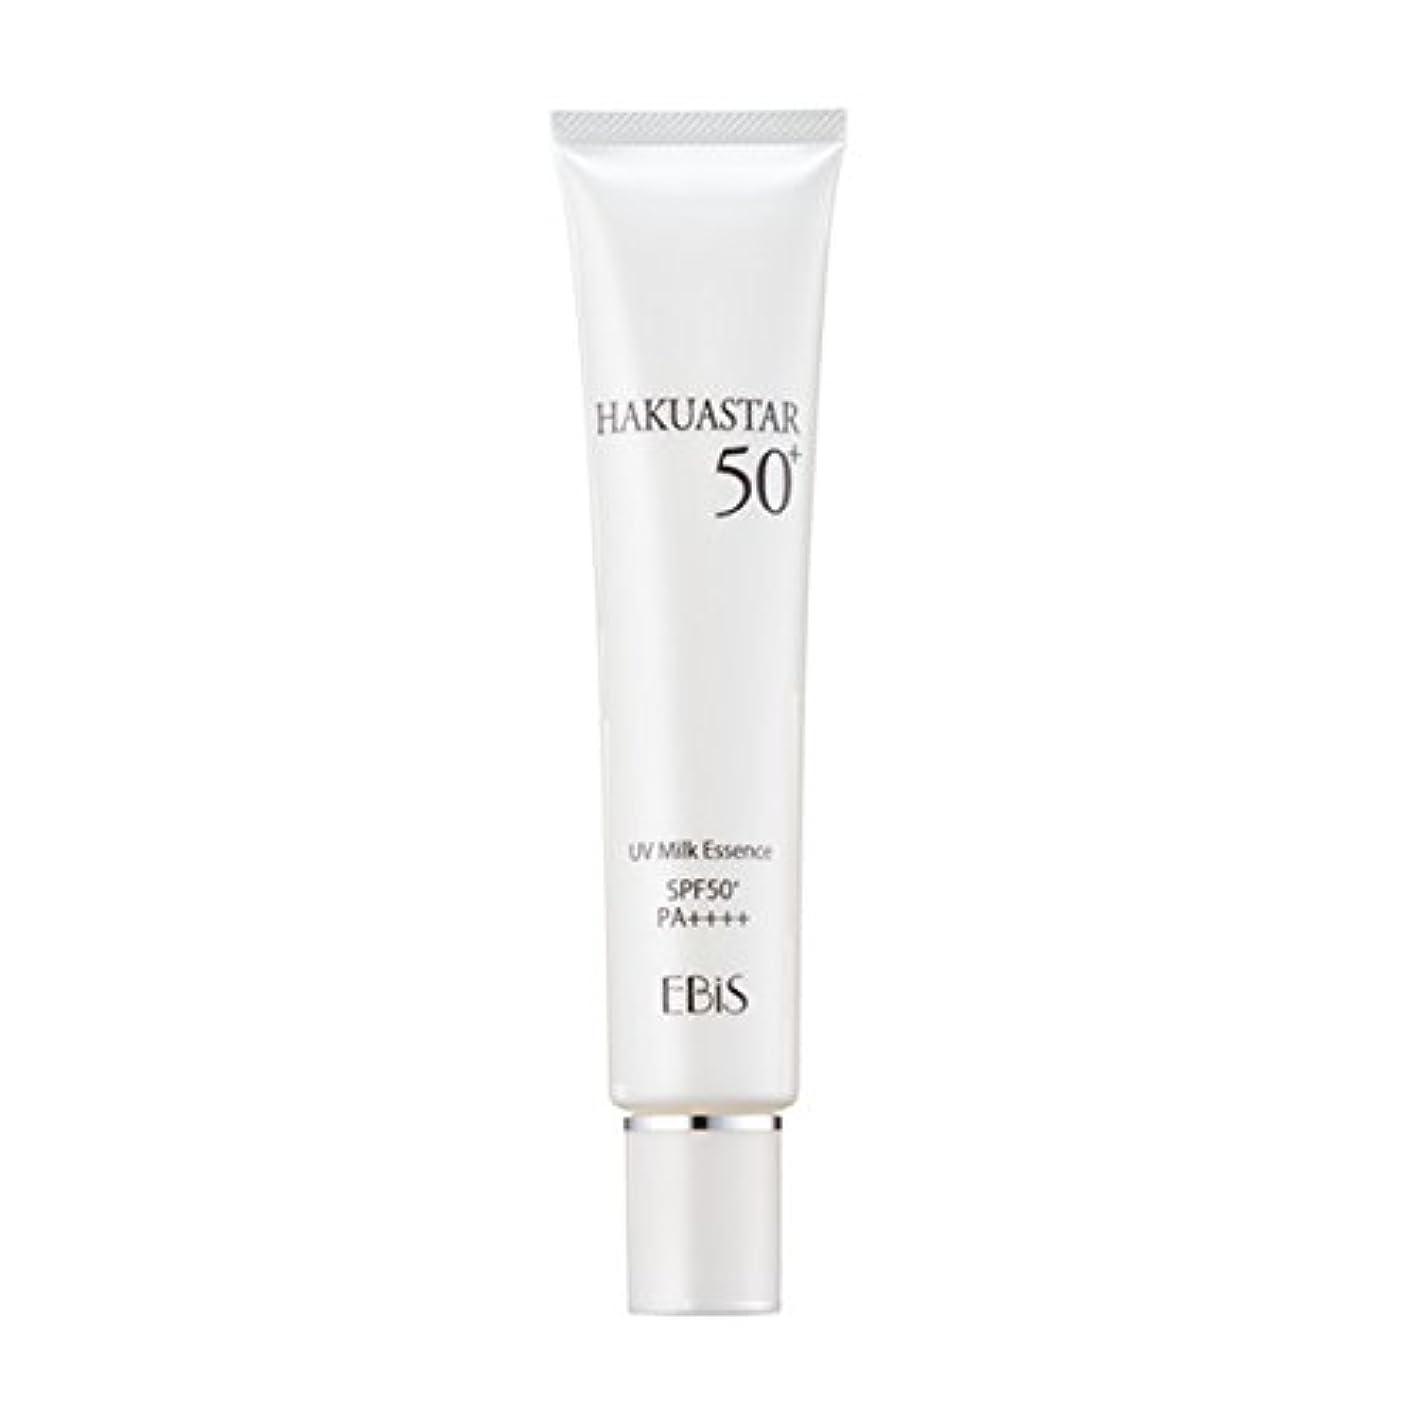 フリンジキリスト教戦うエビス化粧品(EBiS) ハクアスター 40g SPF50PA+++ UVクリーム(日焼け止め) 紫外線対策 化粧下地としても使える